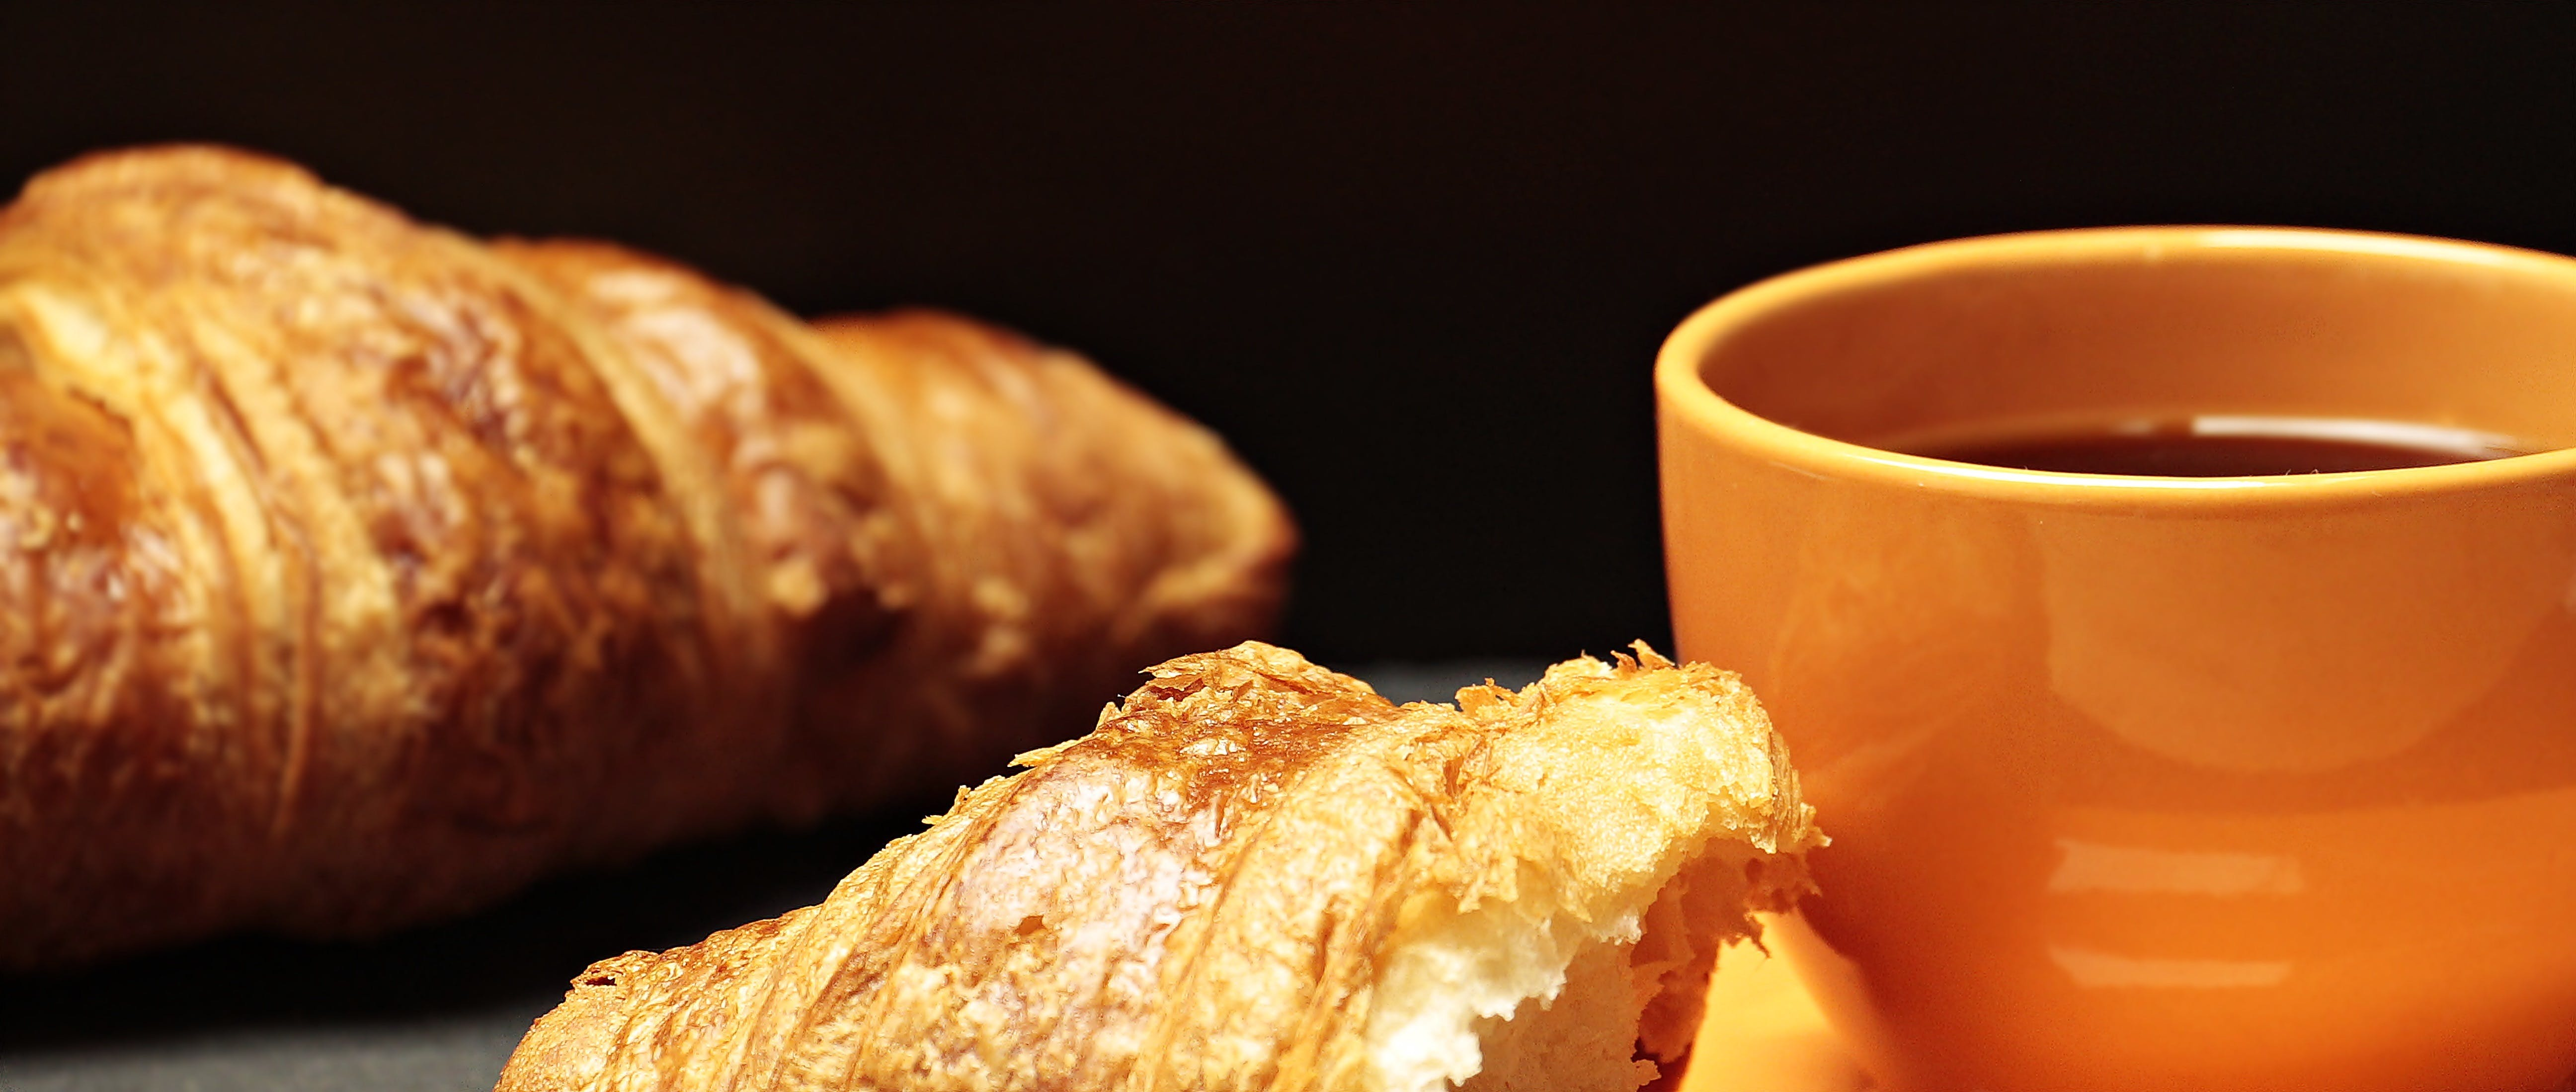 Kostenloses Stock Foto zu brot, croissant, essen, frühstück